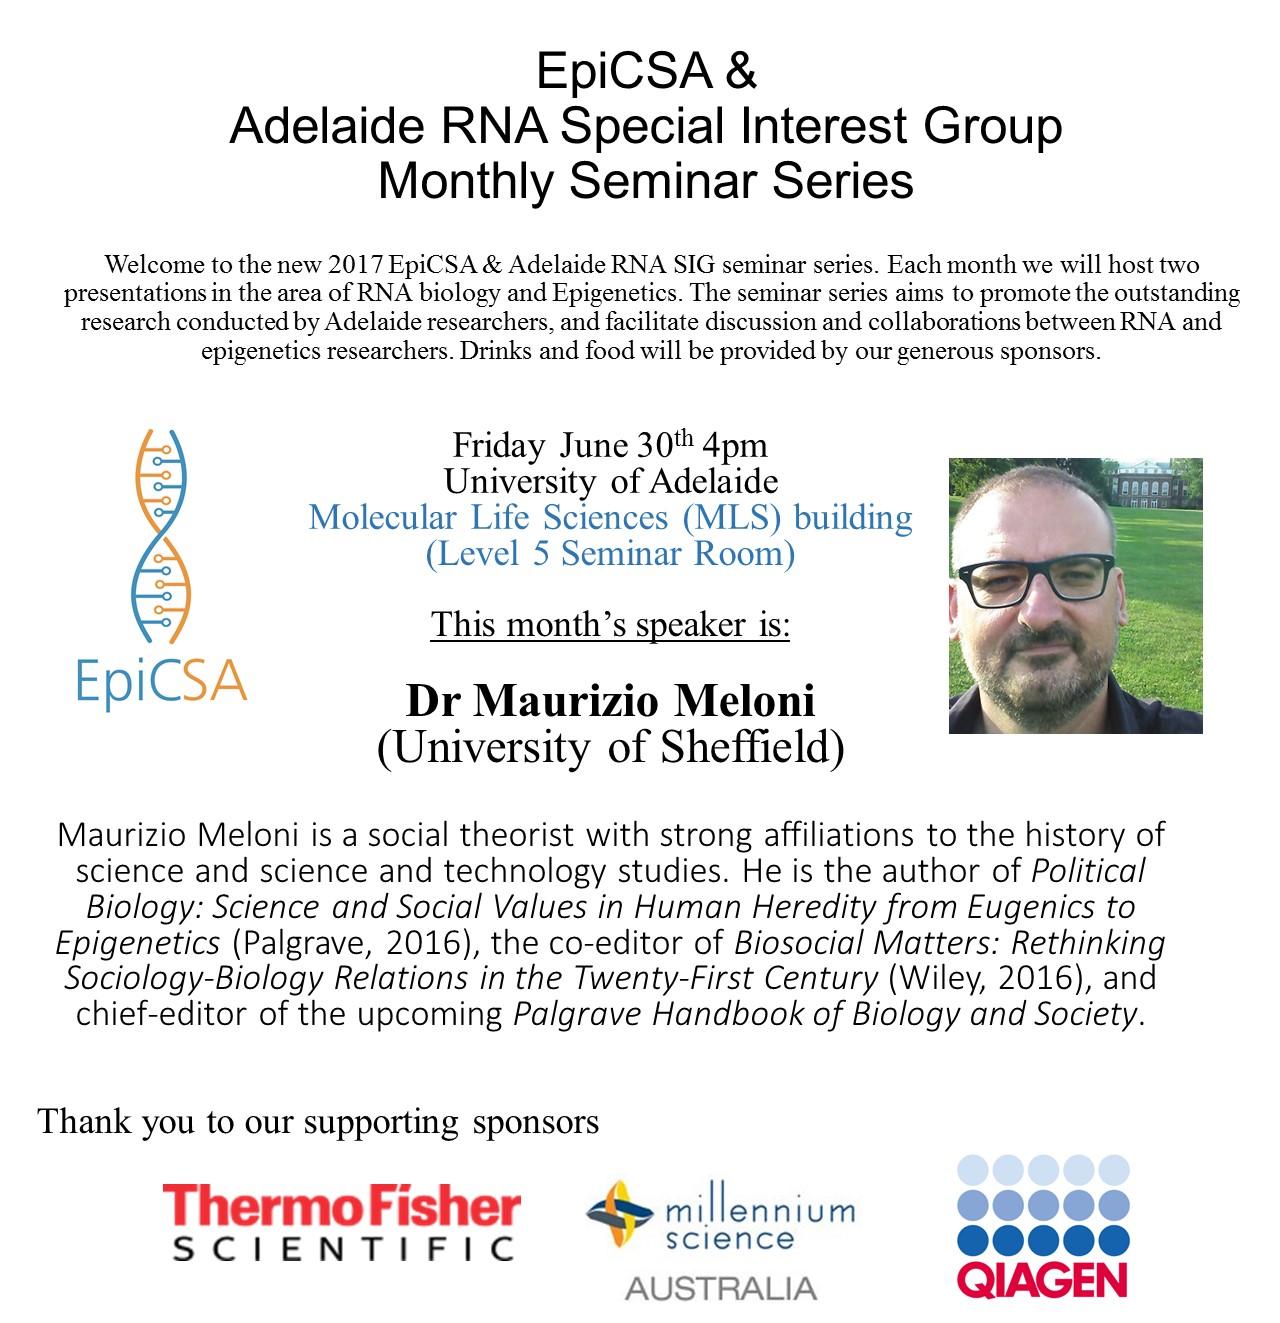 EpiCSA_RNAinterest_seminars_June30_JB